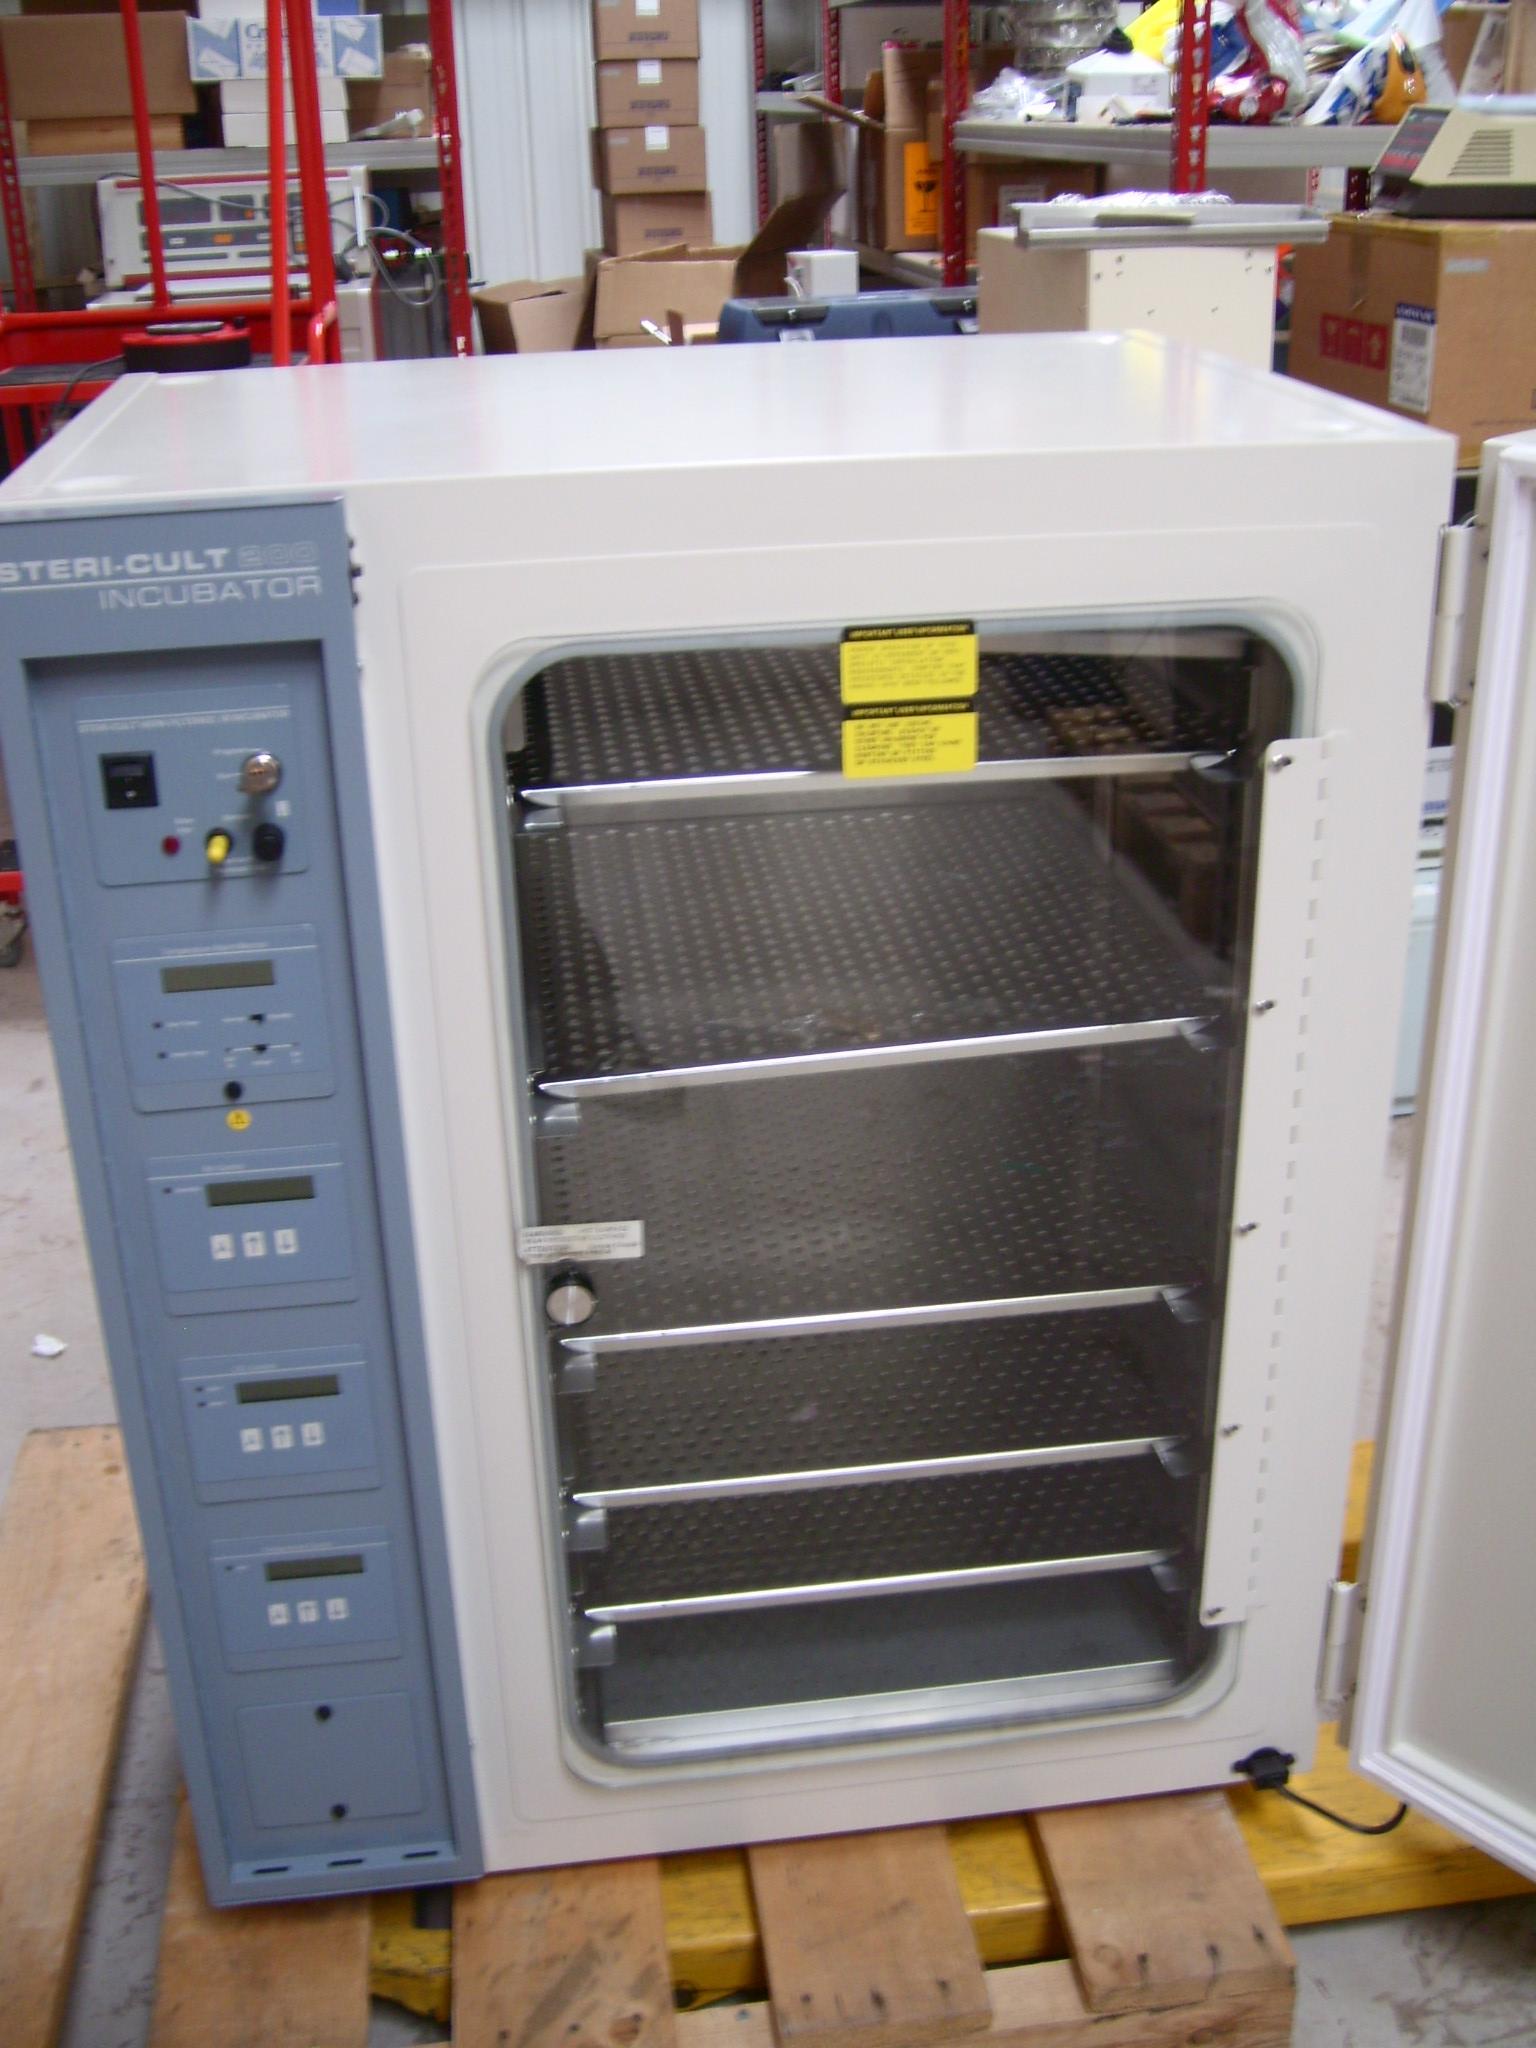 nuaire ir autoflow co2 incubator manual